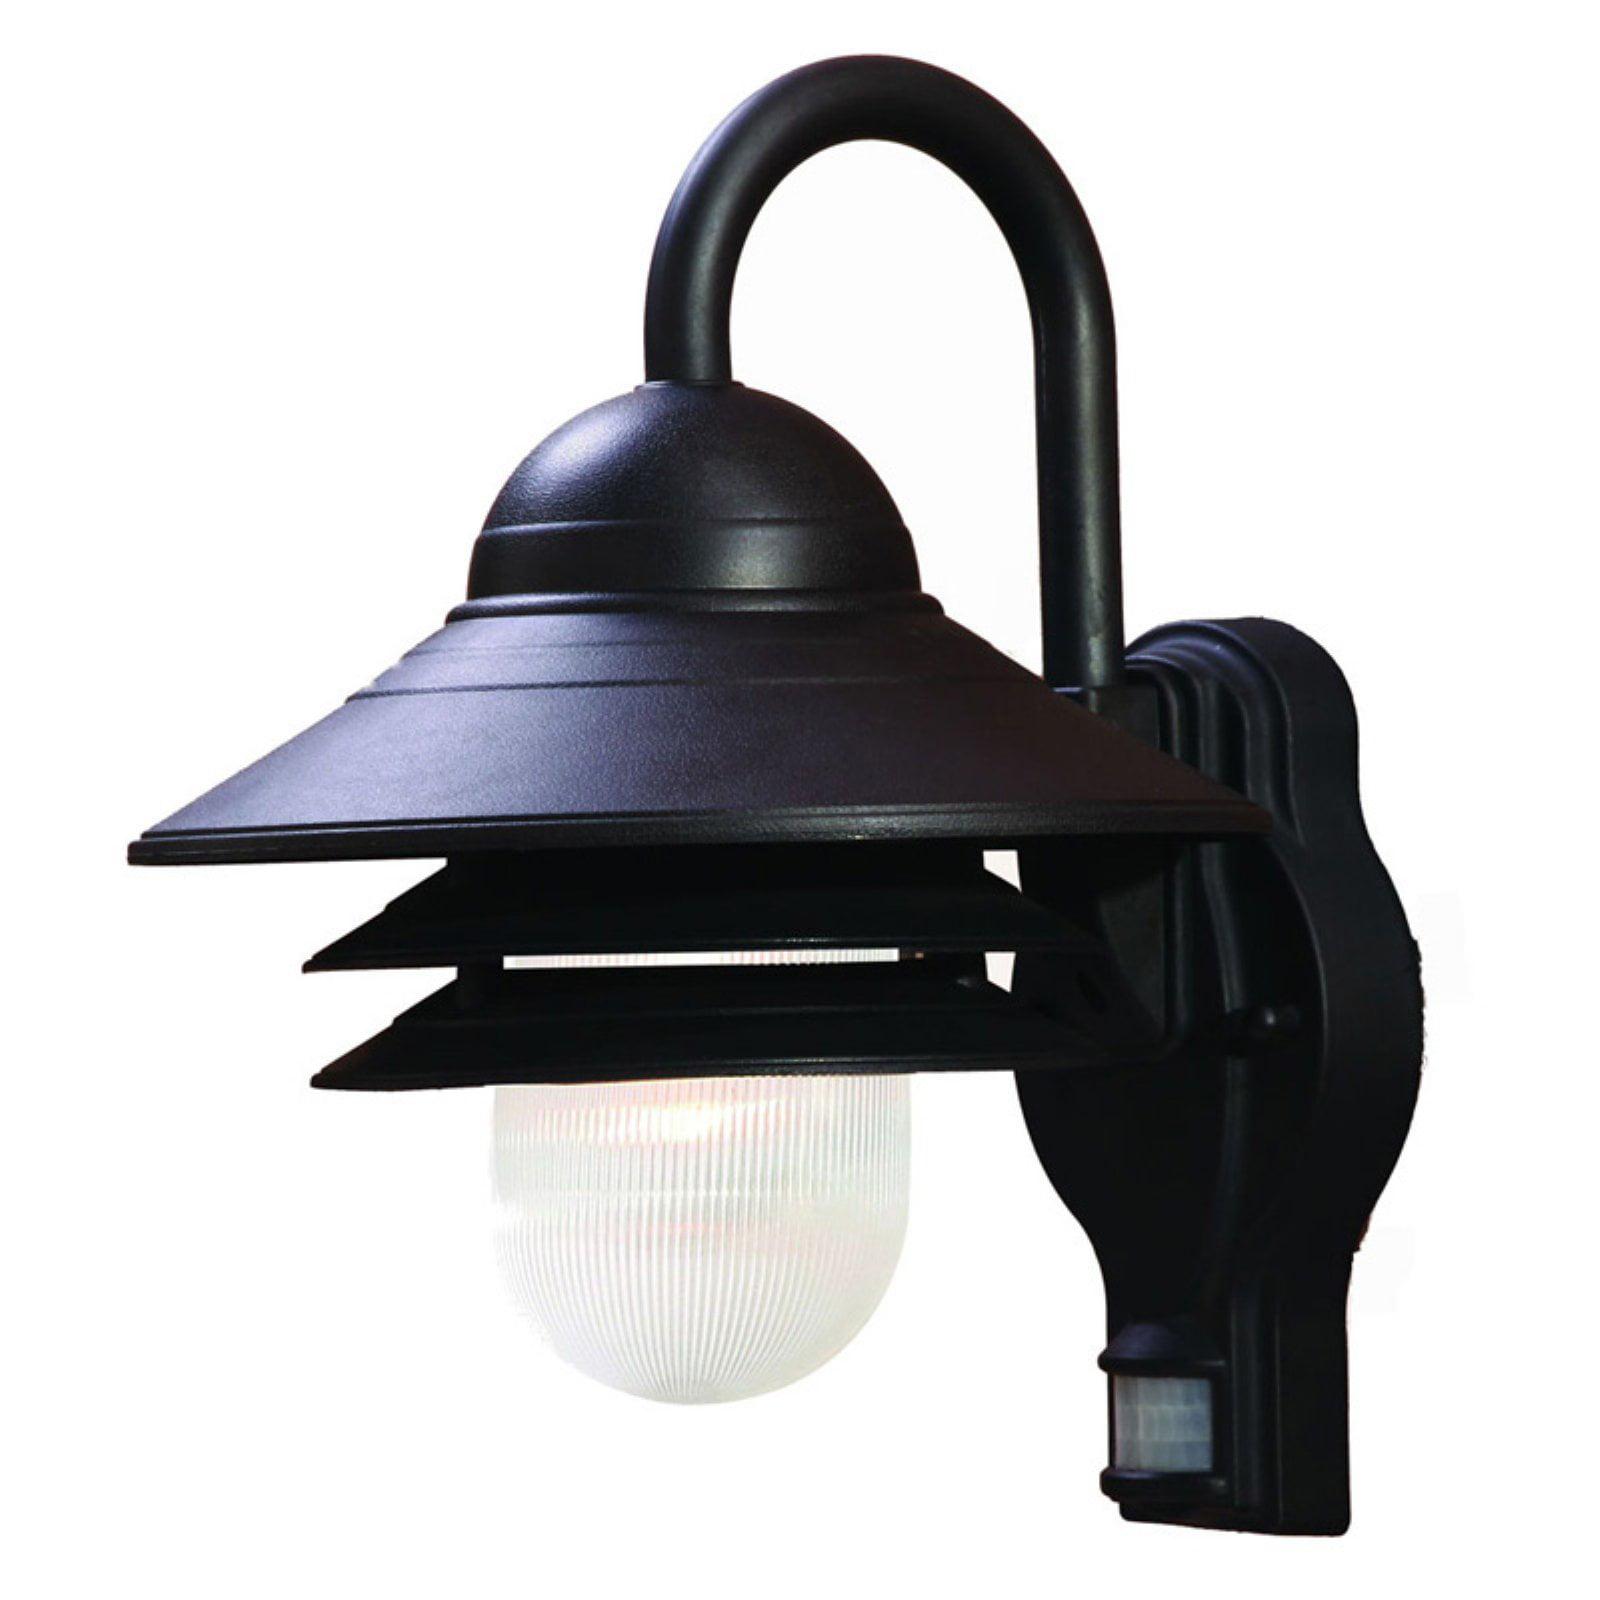 Acclaim Lighting Mariner 10 in. Outdoor Wall Mount Light Fixture